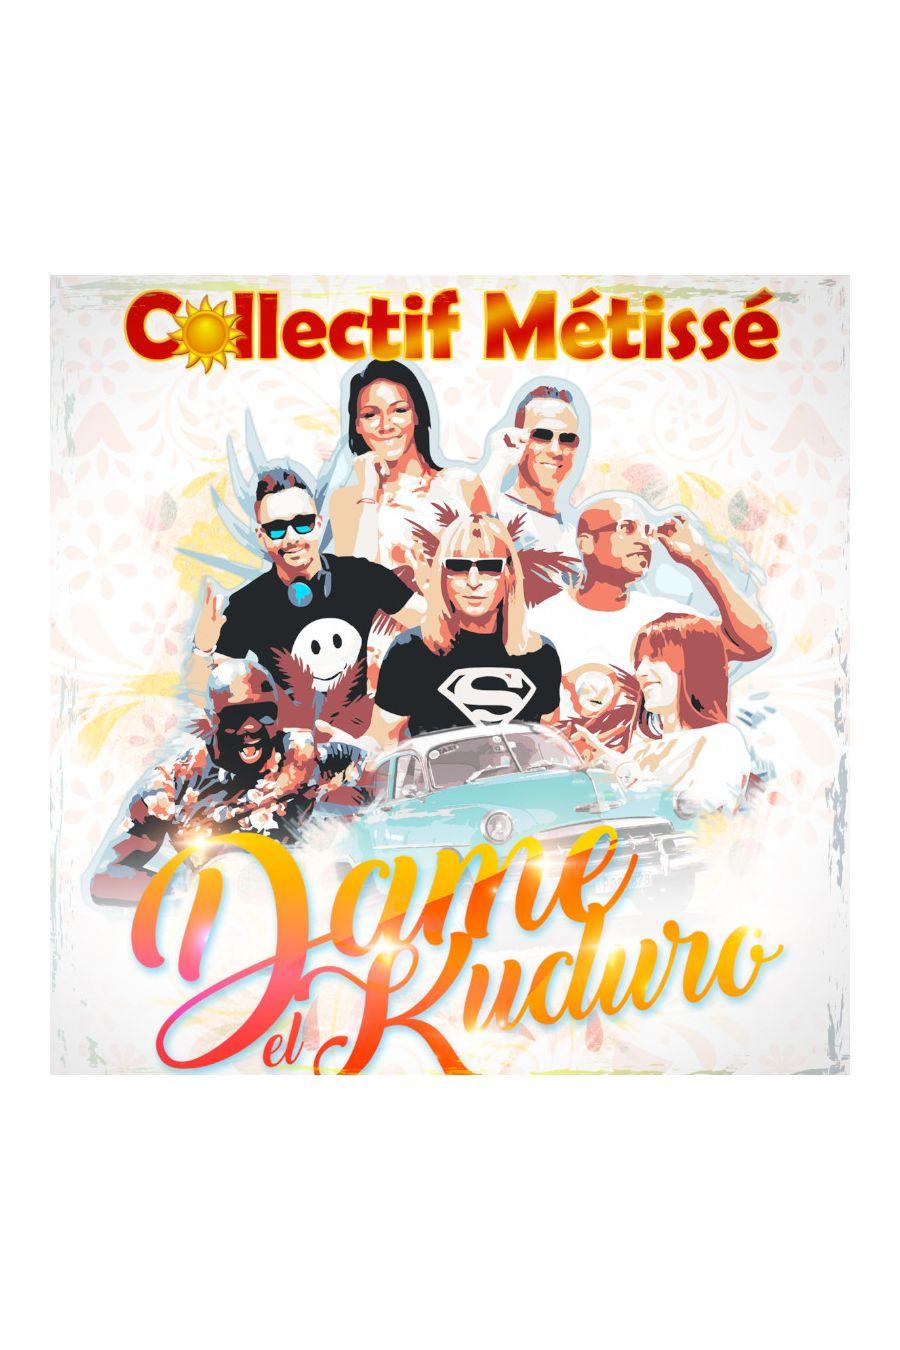 CD Collectif Métissé OFFERT dès 79 euros d'achat